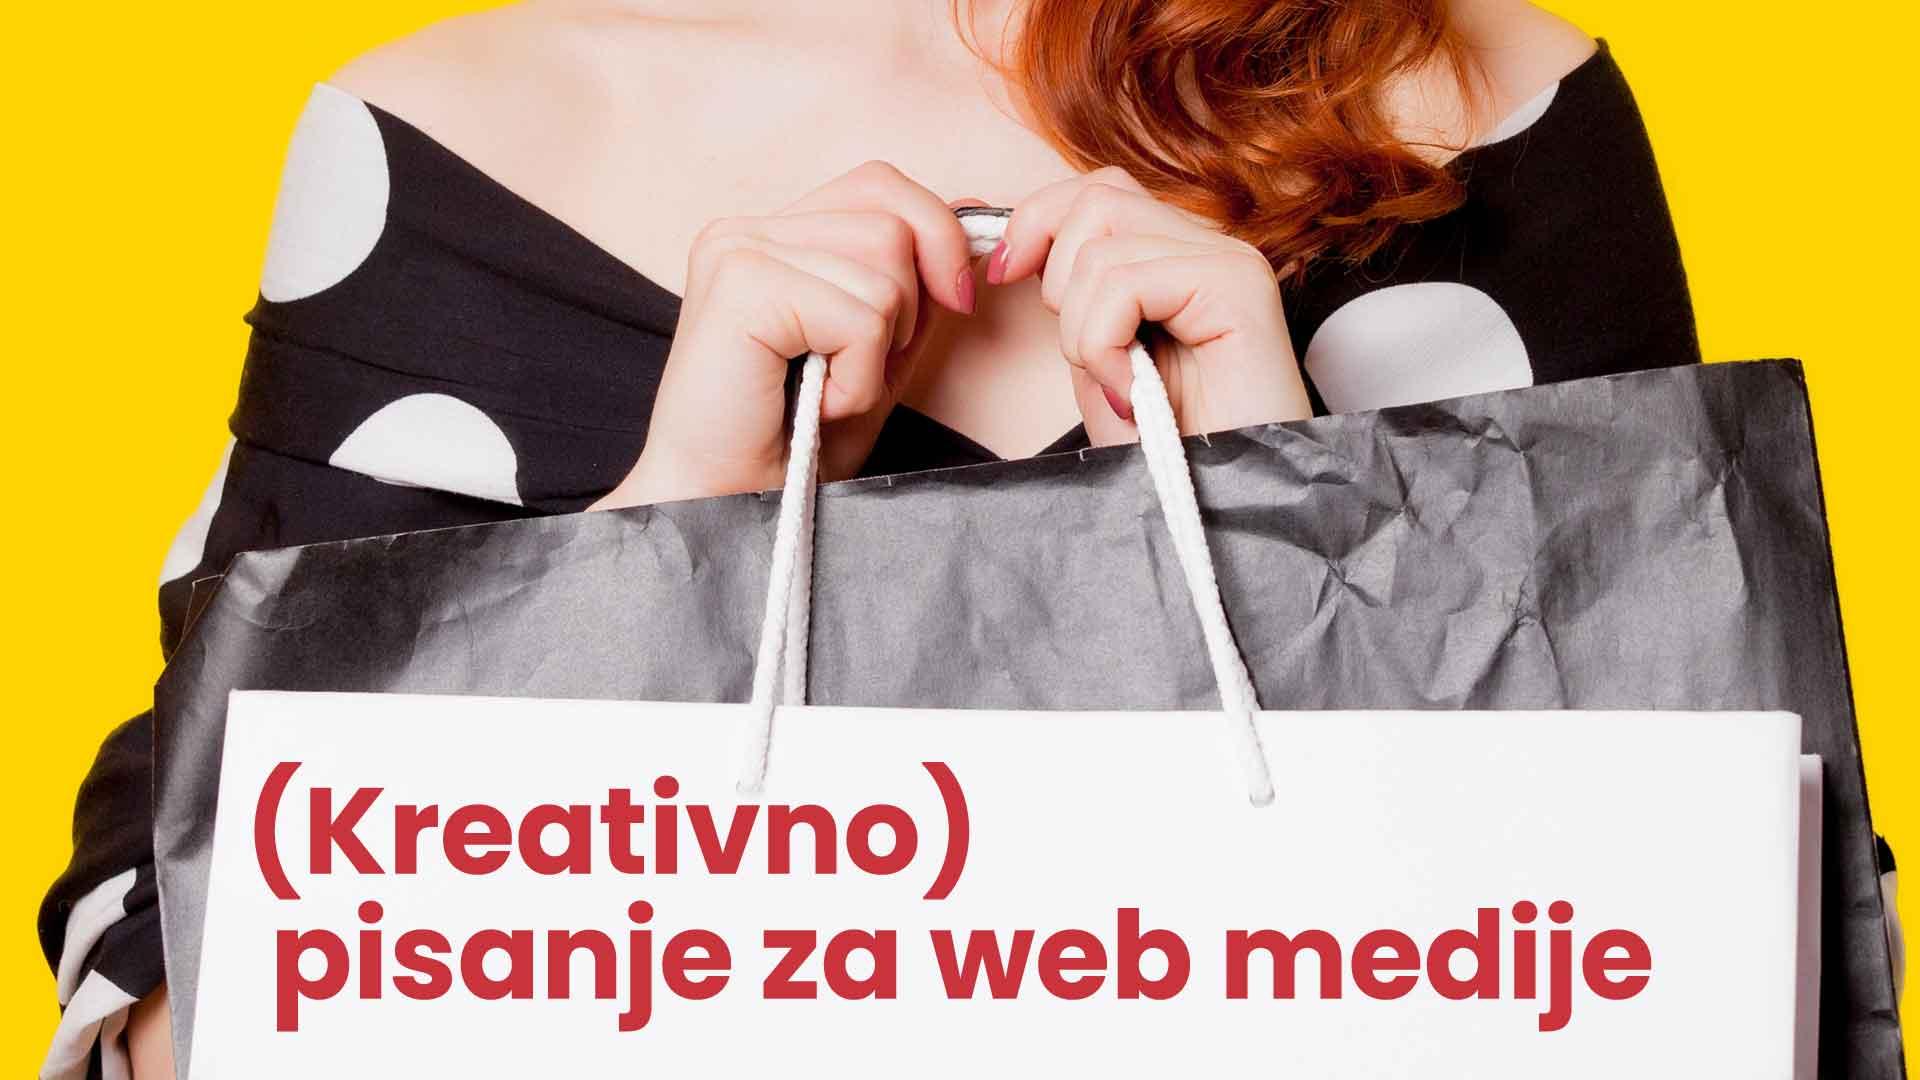 Kreativnp pisanje za web medije